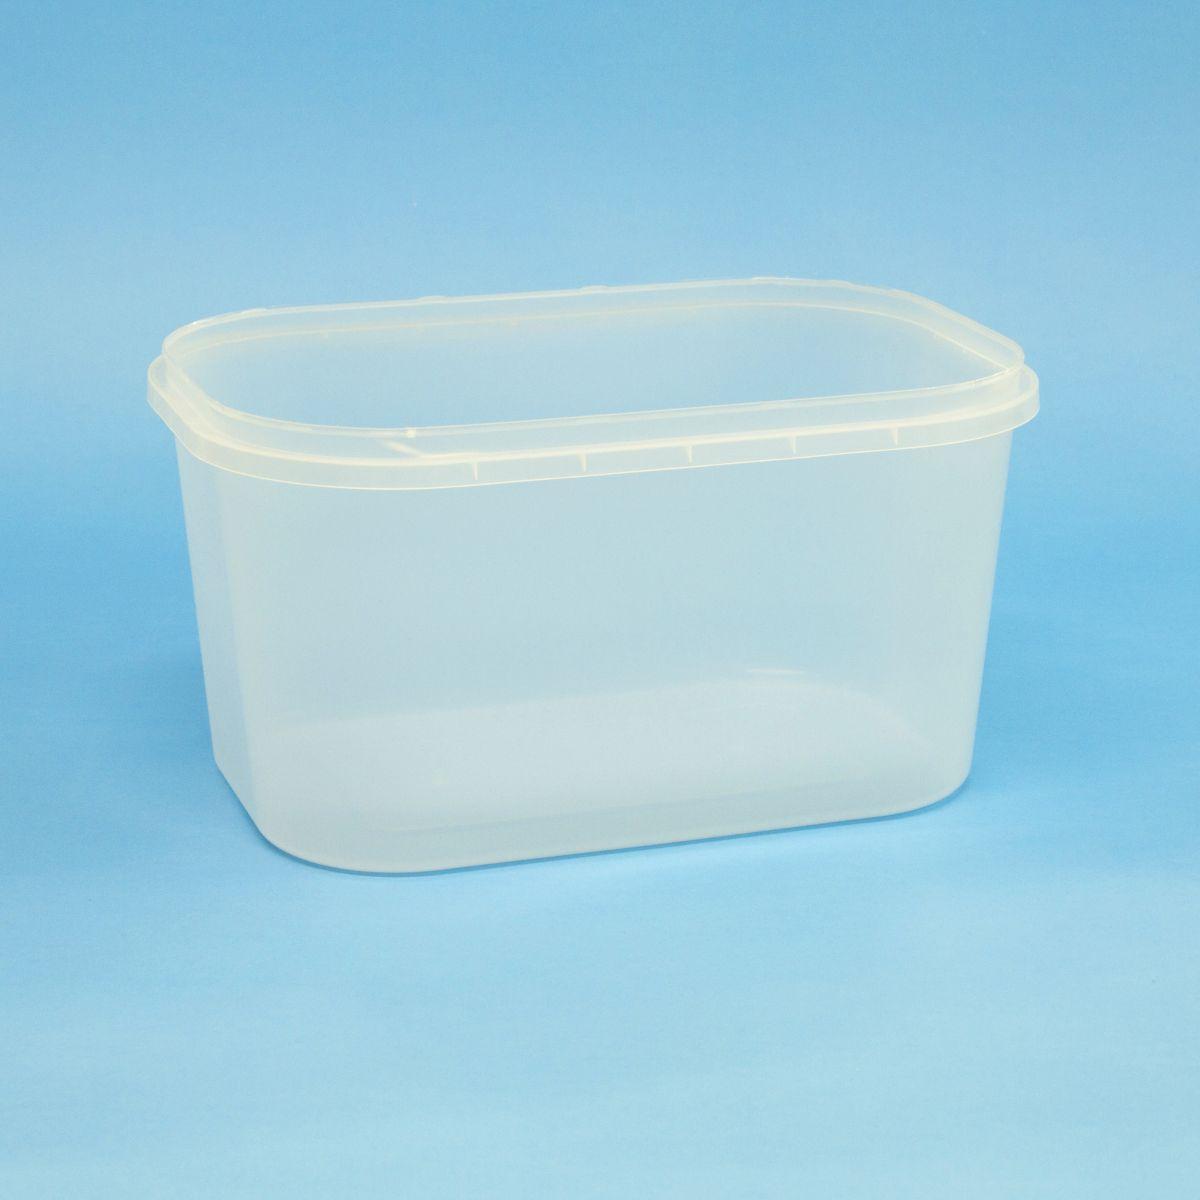 Vaschetta litri 3 chiusura con sigillo – Cod. 016041